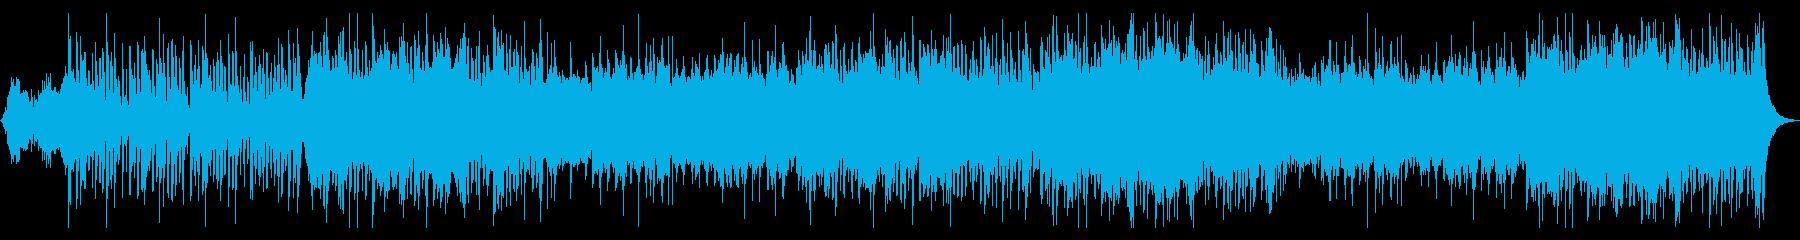 クリスマス・オルゴールとオーケストラの再生済みの波形